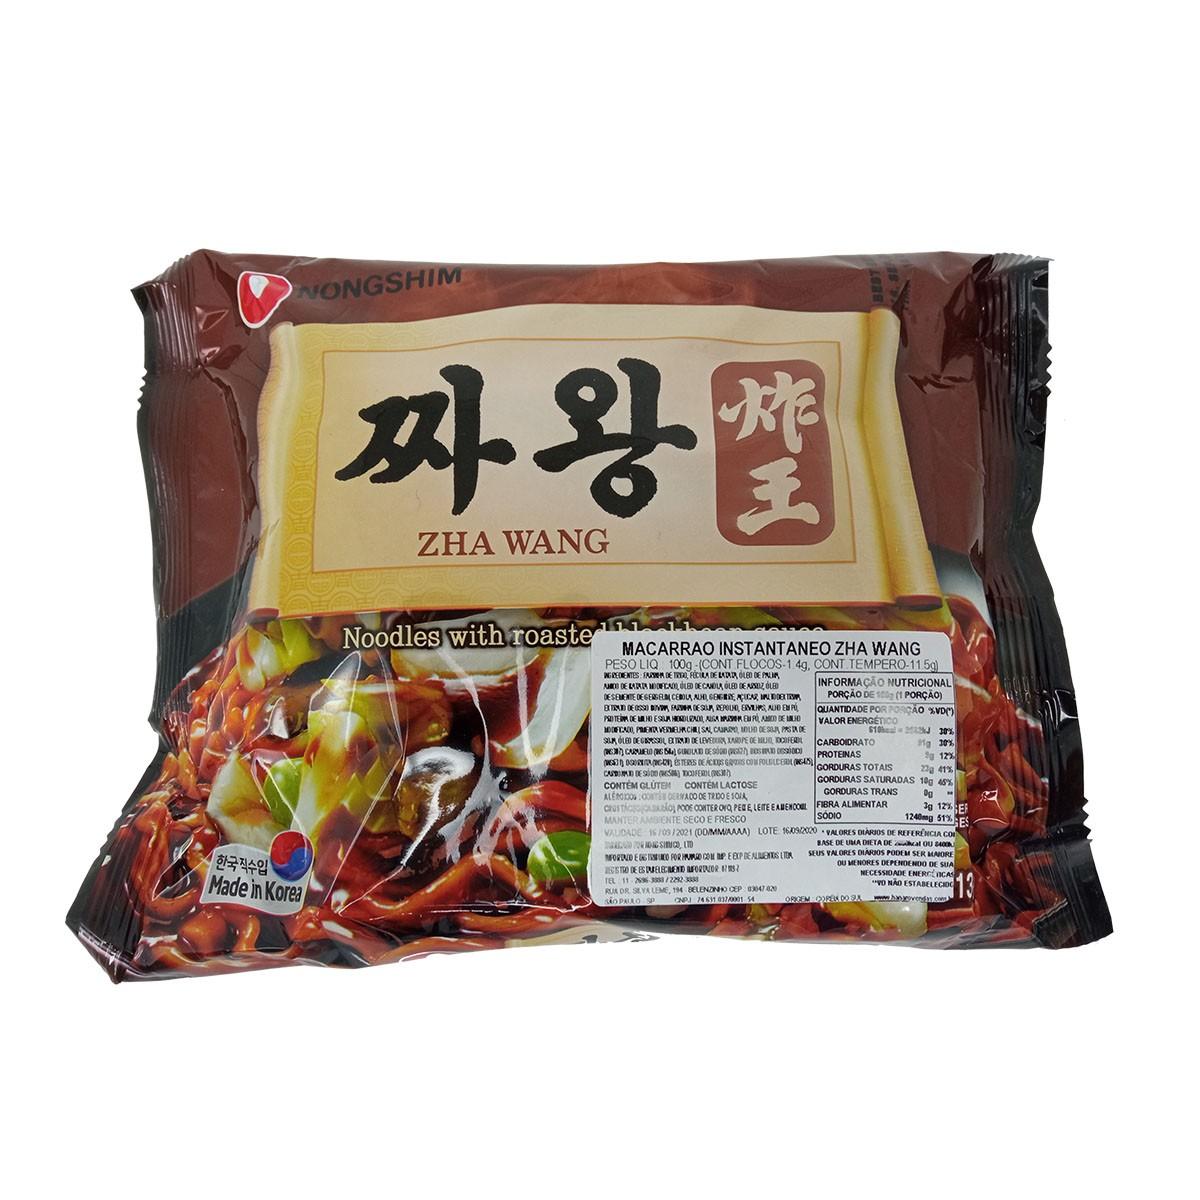 Macarrão Lamen Coreano com Molho de Feijão Preto Zha Wang 100g - NongShim